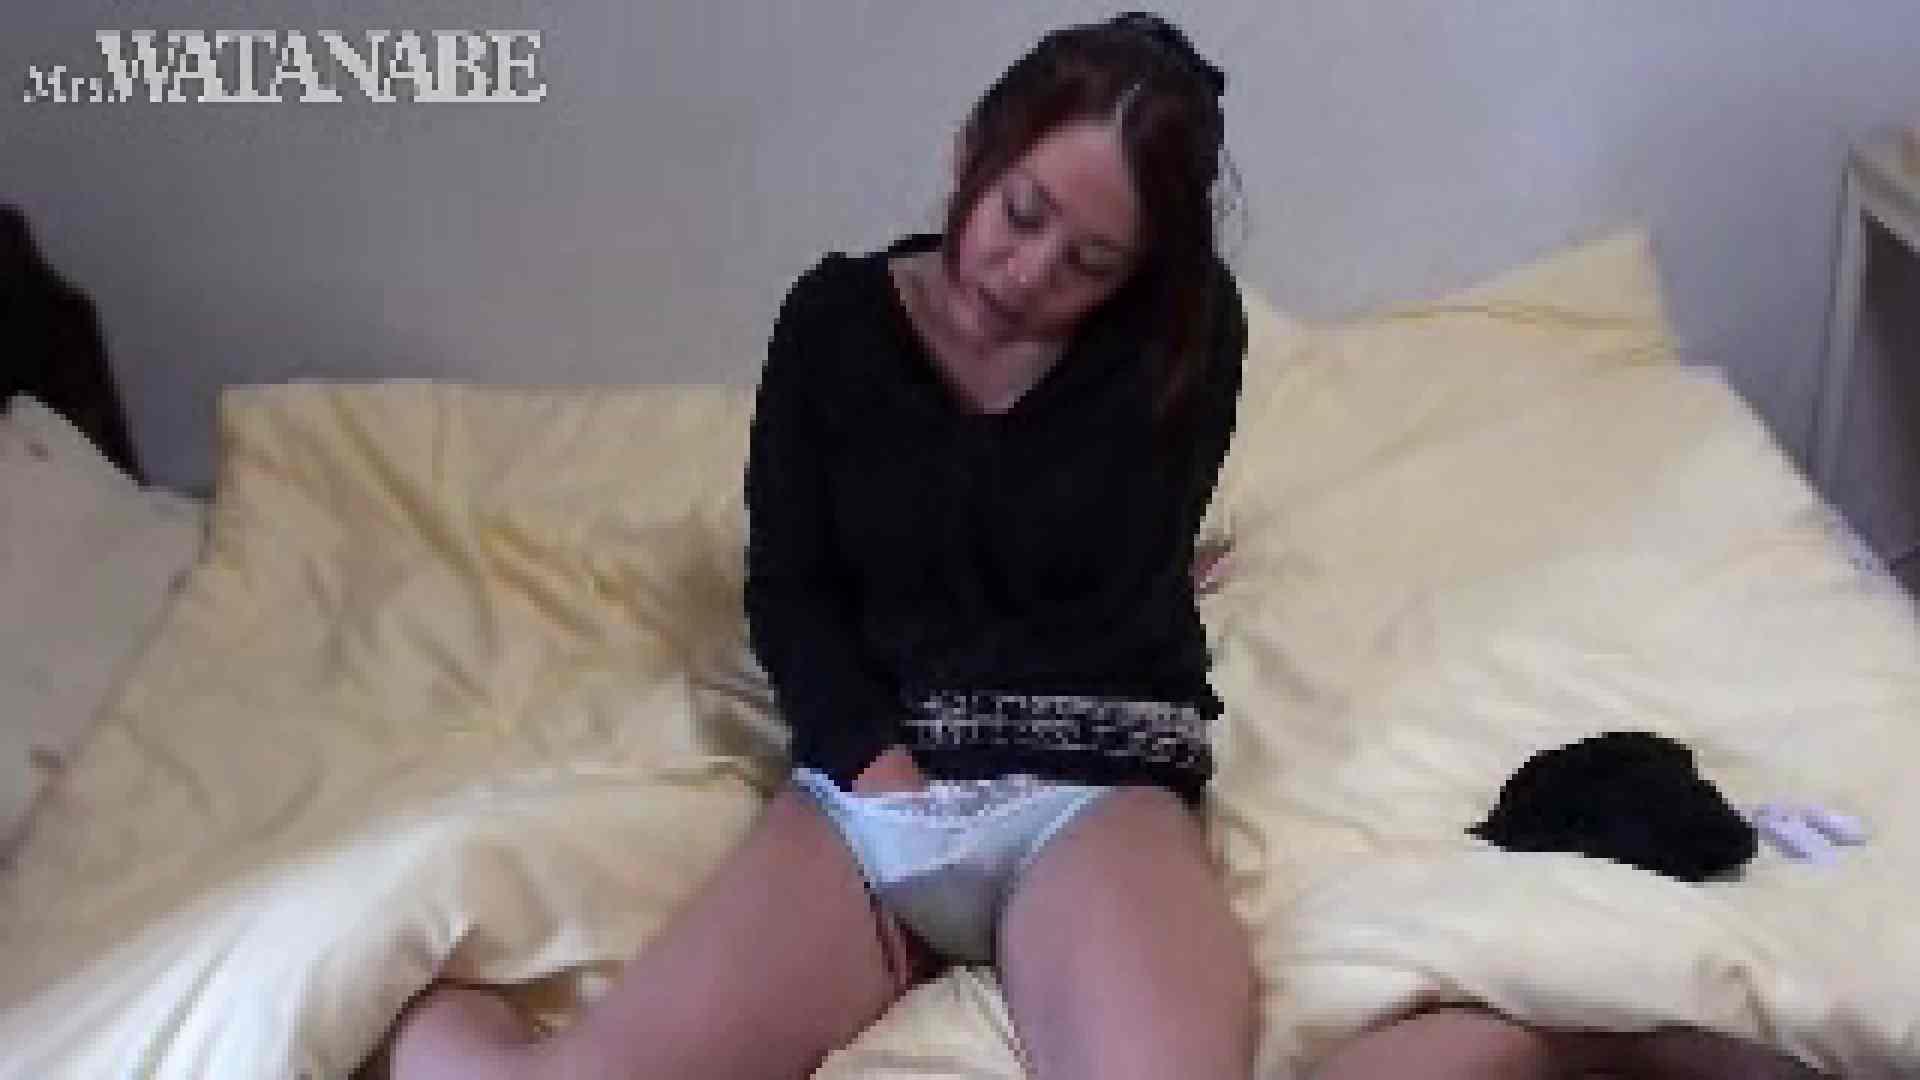 SNSで出会った人妻をハメ撮りしちゃいます 2回目 前編 オナニー集 | エッチな人妻  77pic 77